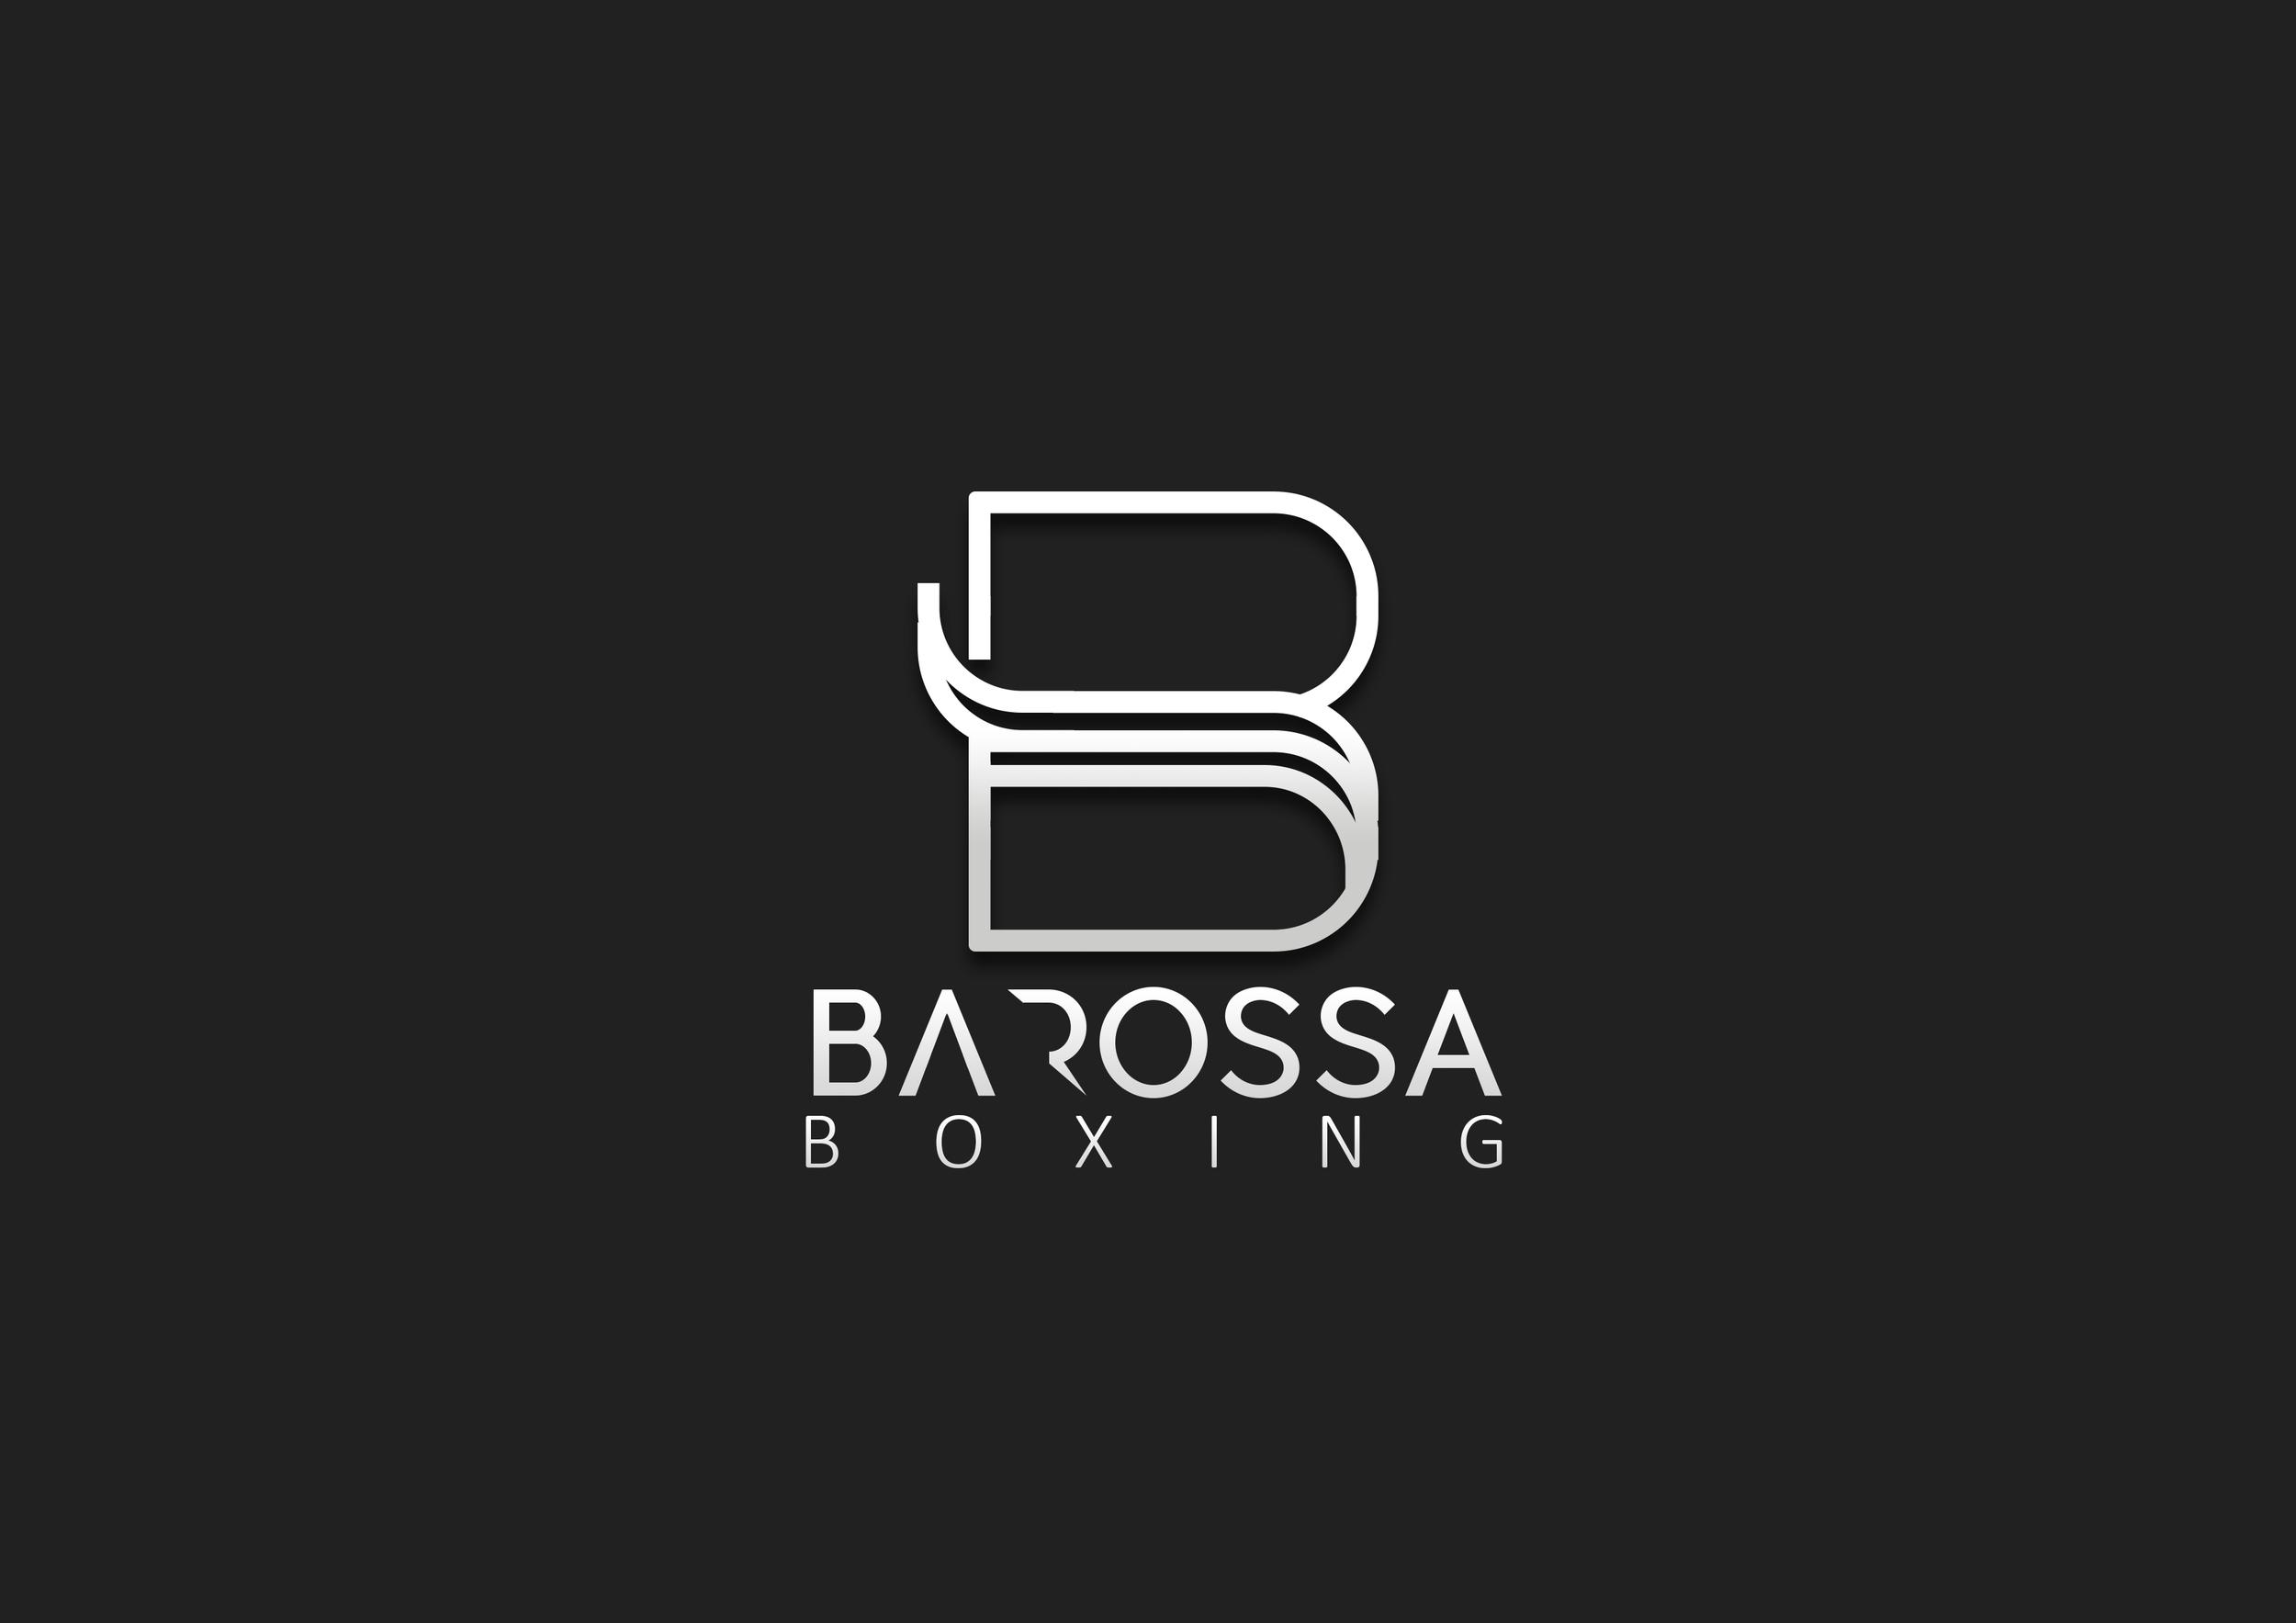 BAROSSABOXING.jpg